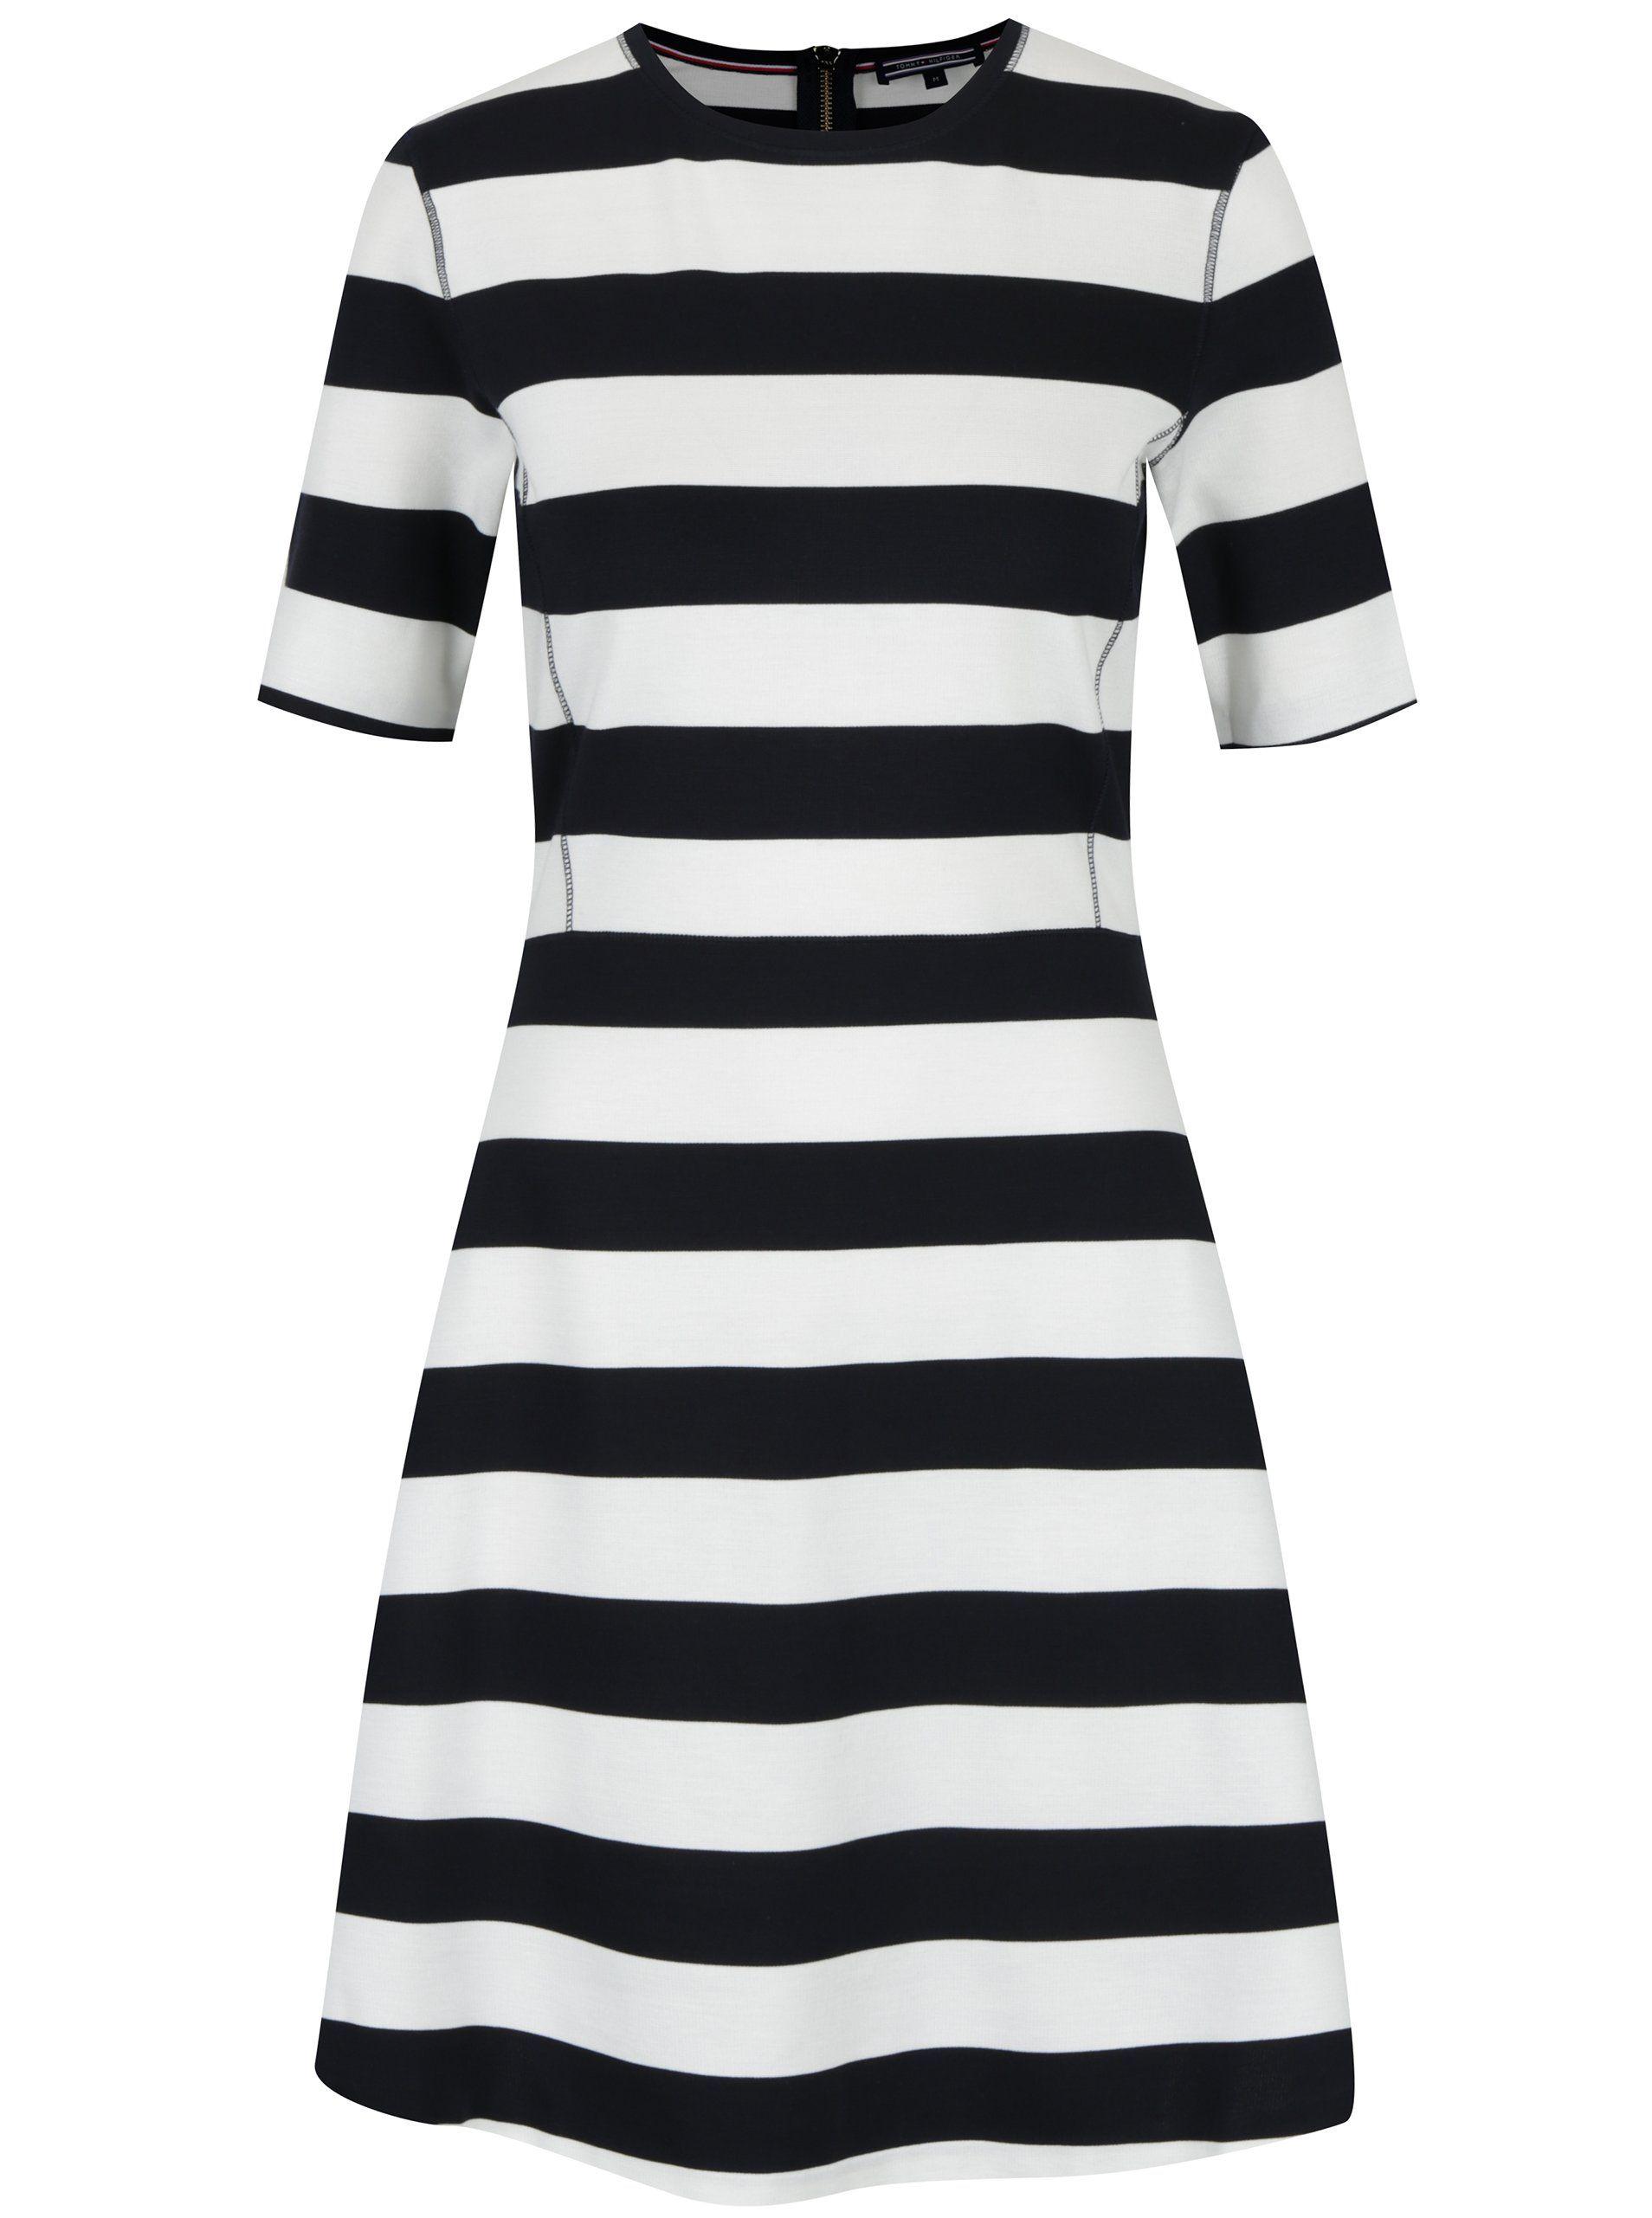 Černo-krémové pruhované šaty Tommy Hilfiger  8728103868